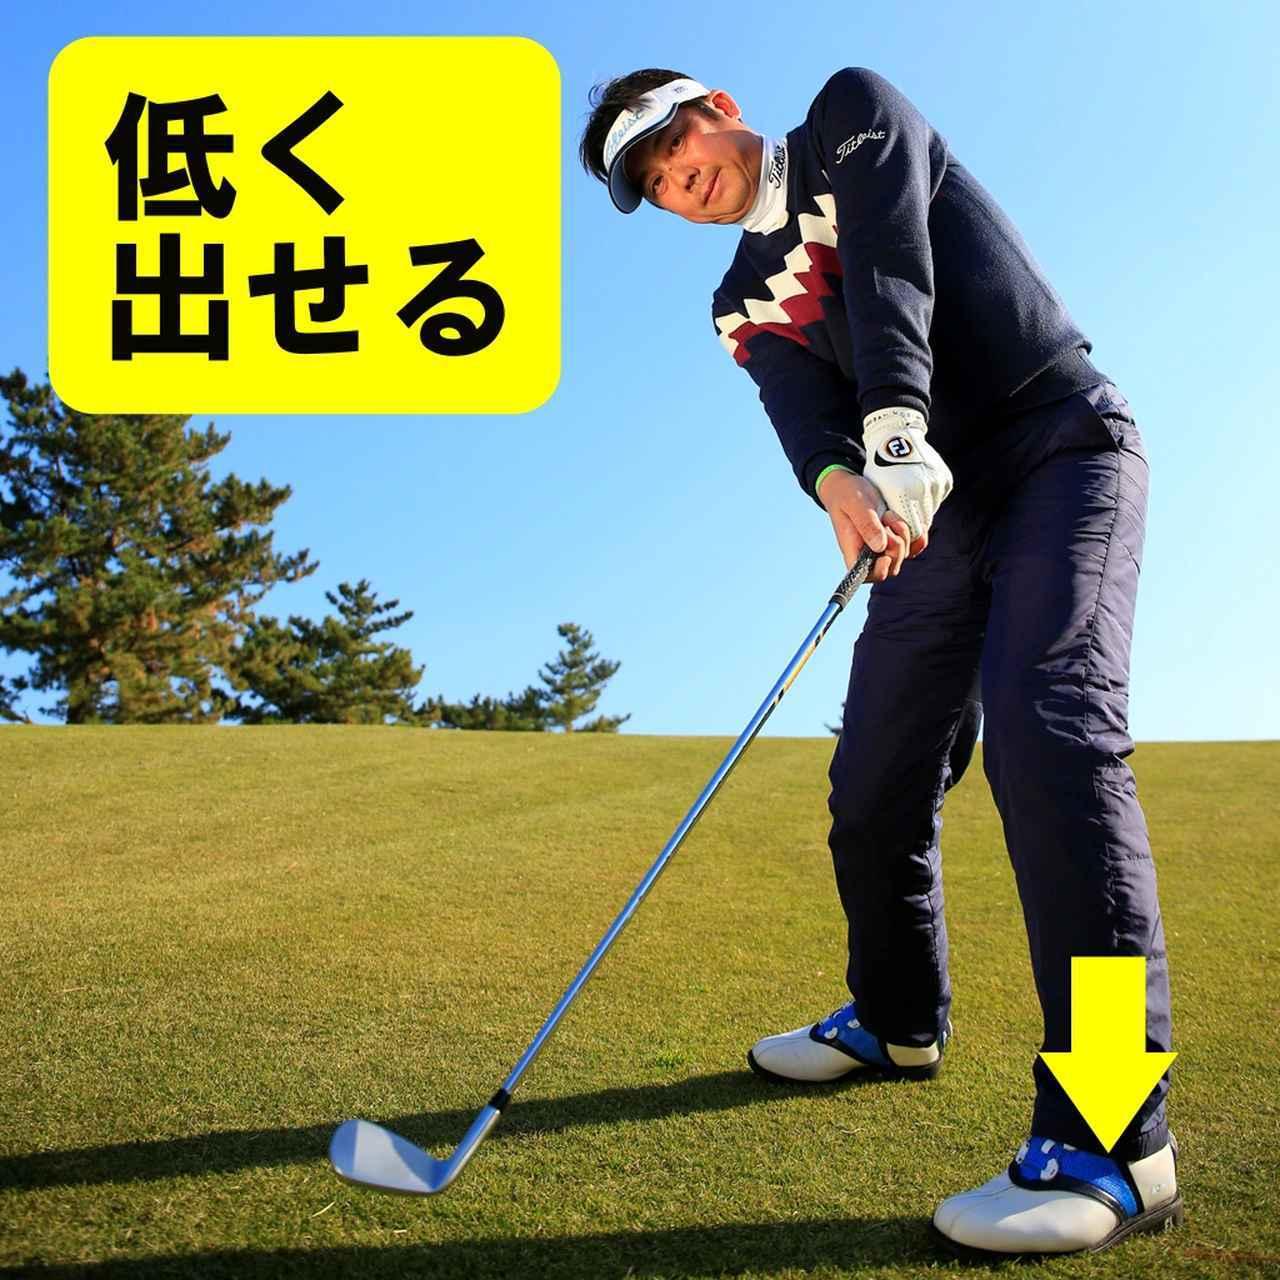 画像: 正しいアドレスで構えられれば左足体重がキープできる。斜面に沿うように低くフォローを出していける